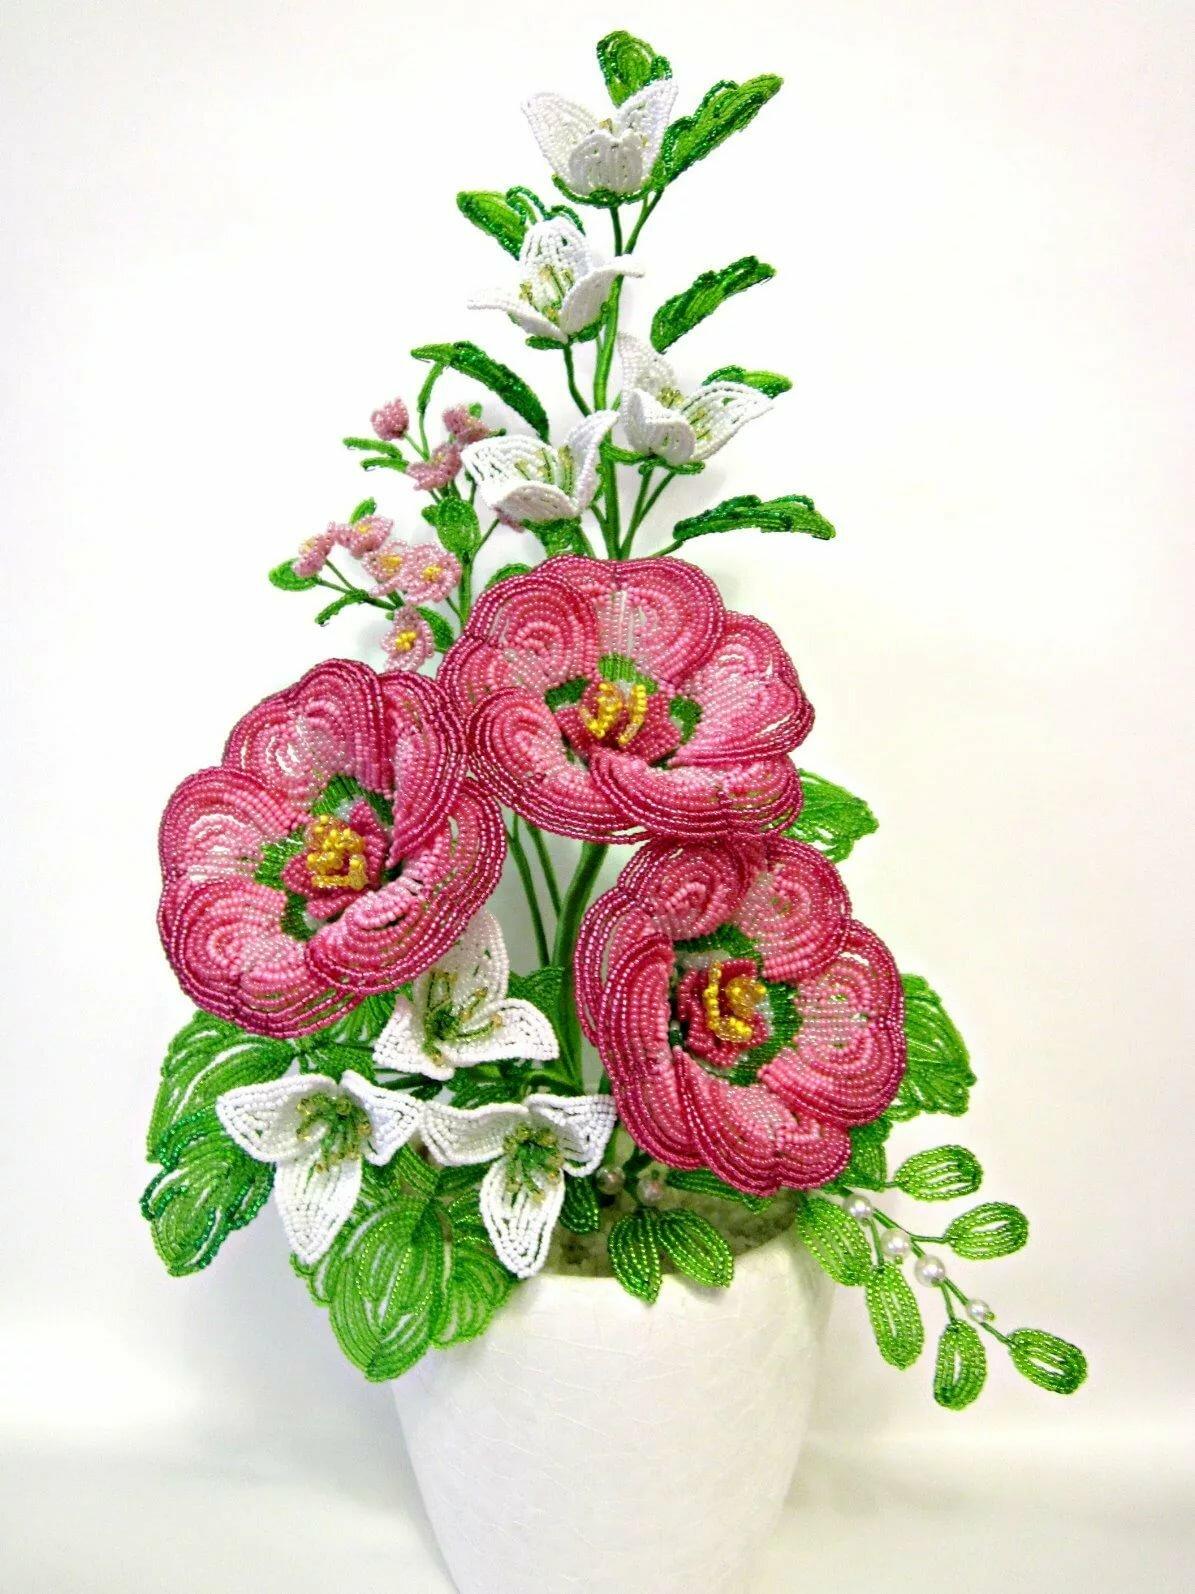 вот цветы из бисера композиции и букеты фото училище